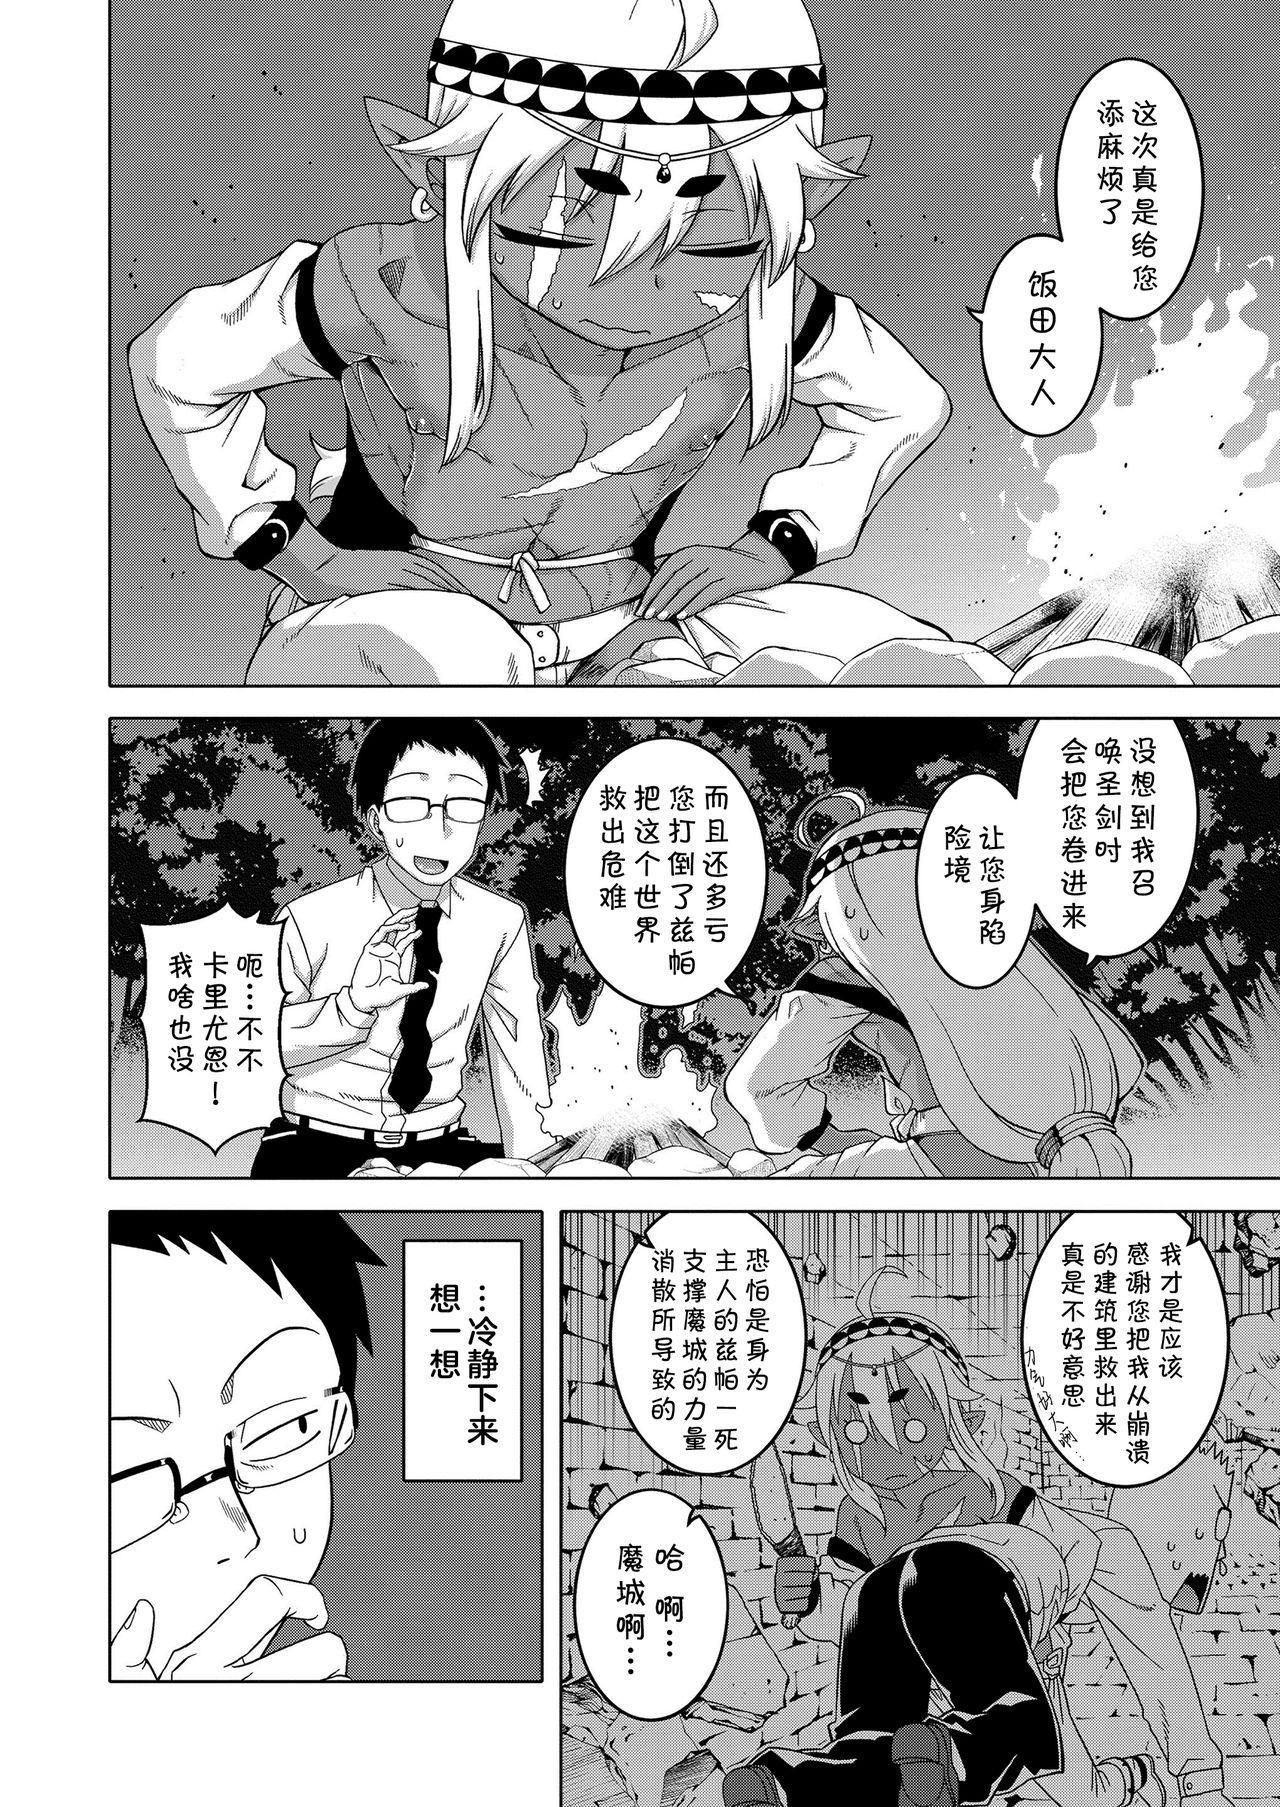 [Takatsu] Isekai de Elf no Yuusha(♂) ga Yome ni Natte Kureru You desu !? Ch.1-2 [Chinese] [theoldestcat汉化] [Digital] 3